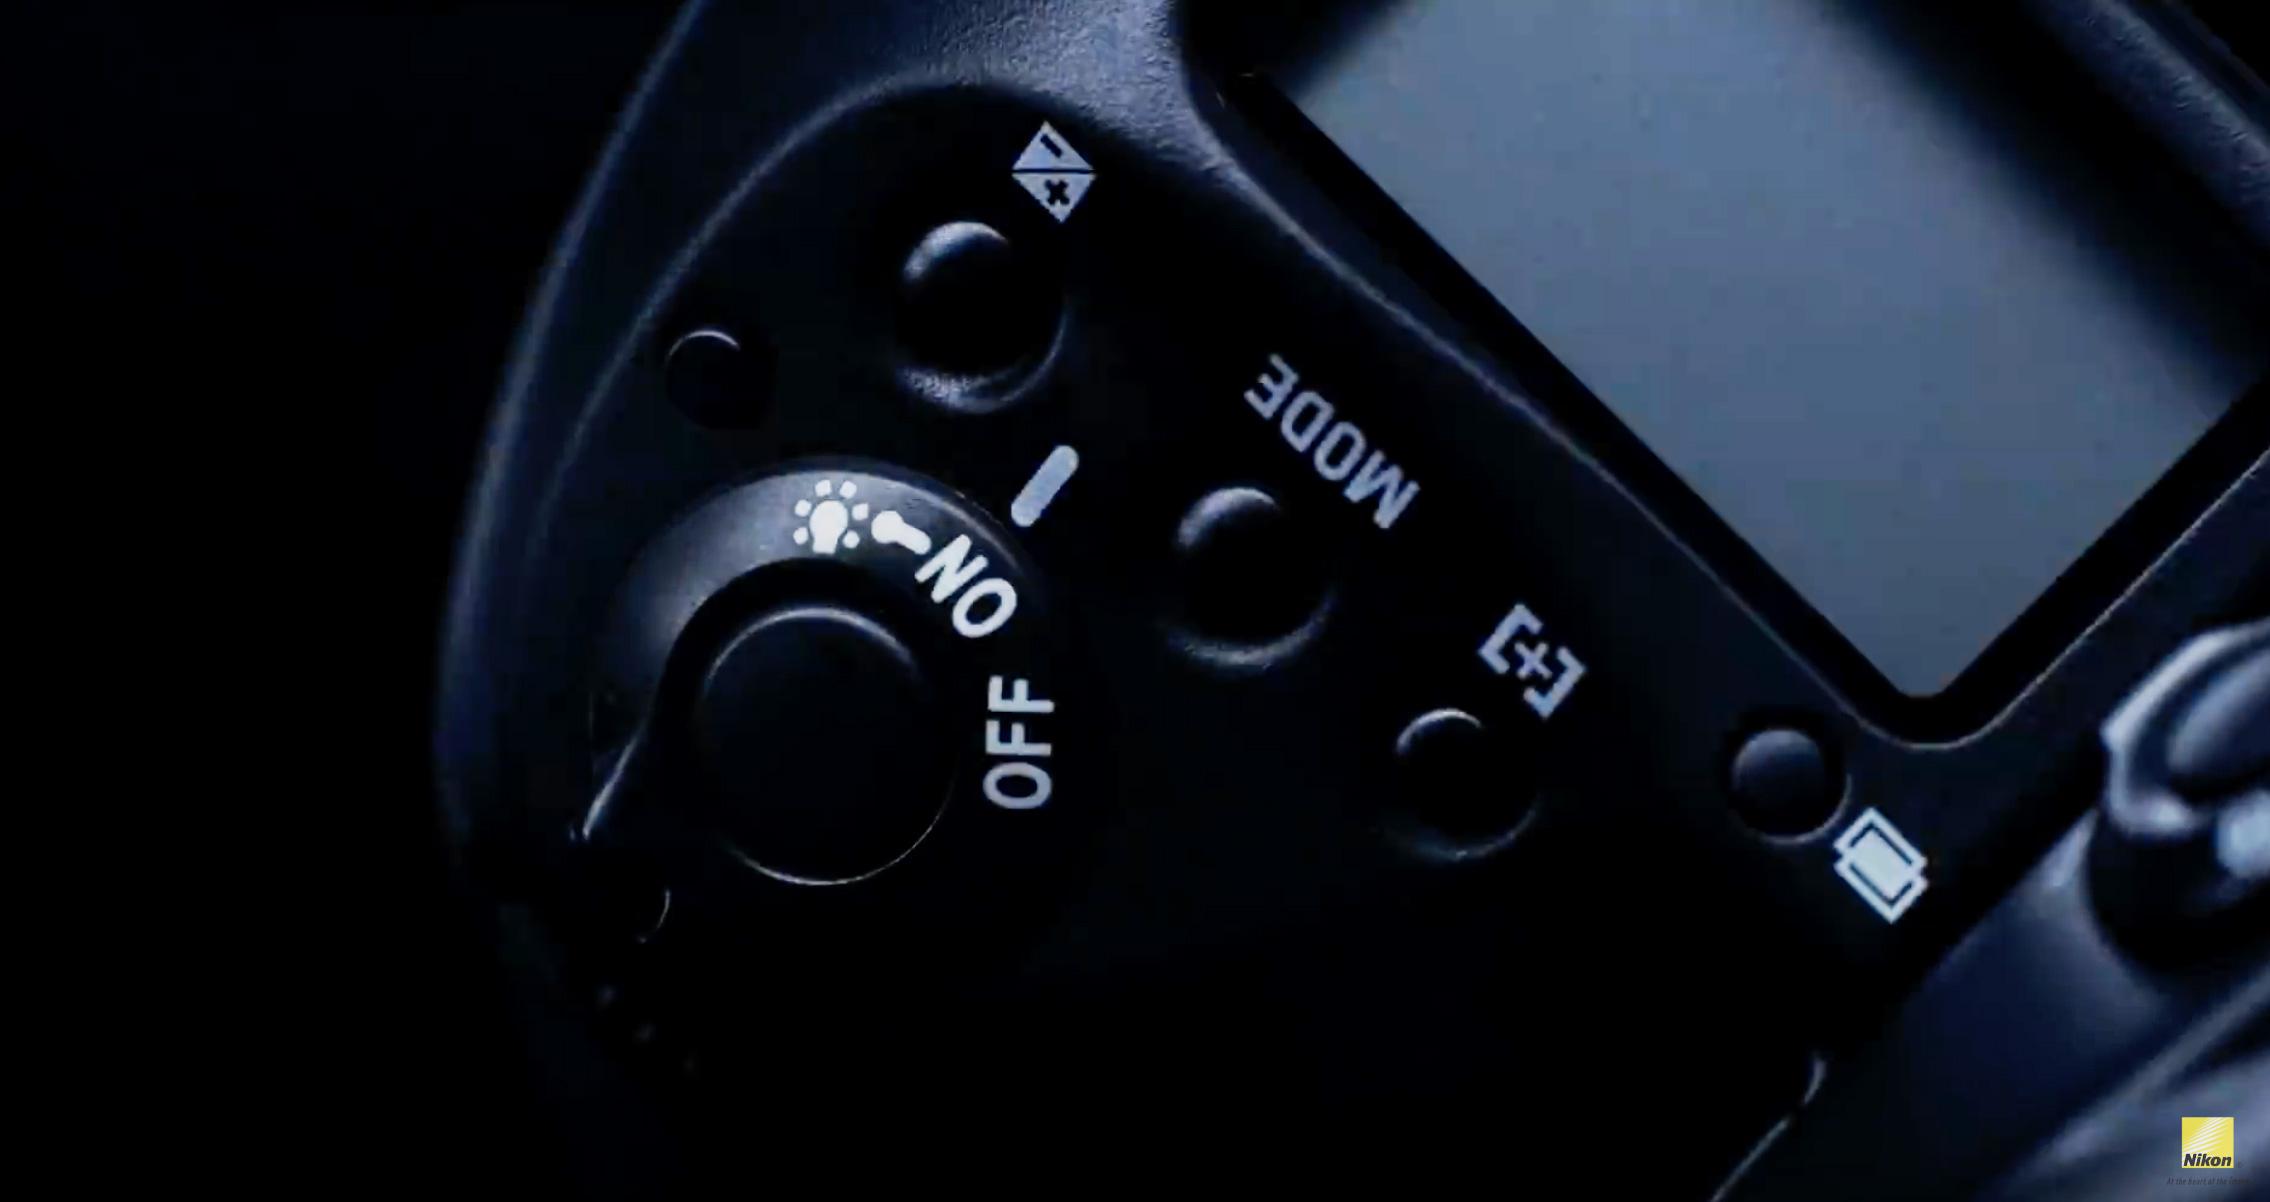 Kuumad kuulujutud: Nikoni täiskaadersensoriga hübriidkaamera tuleb 23. augustil